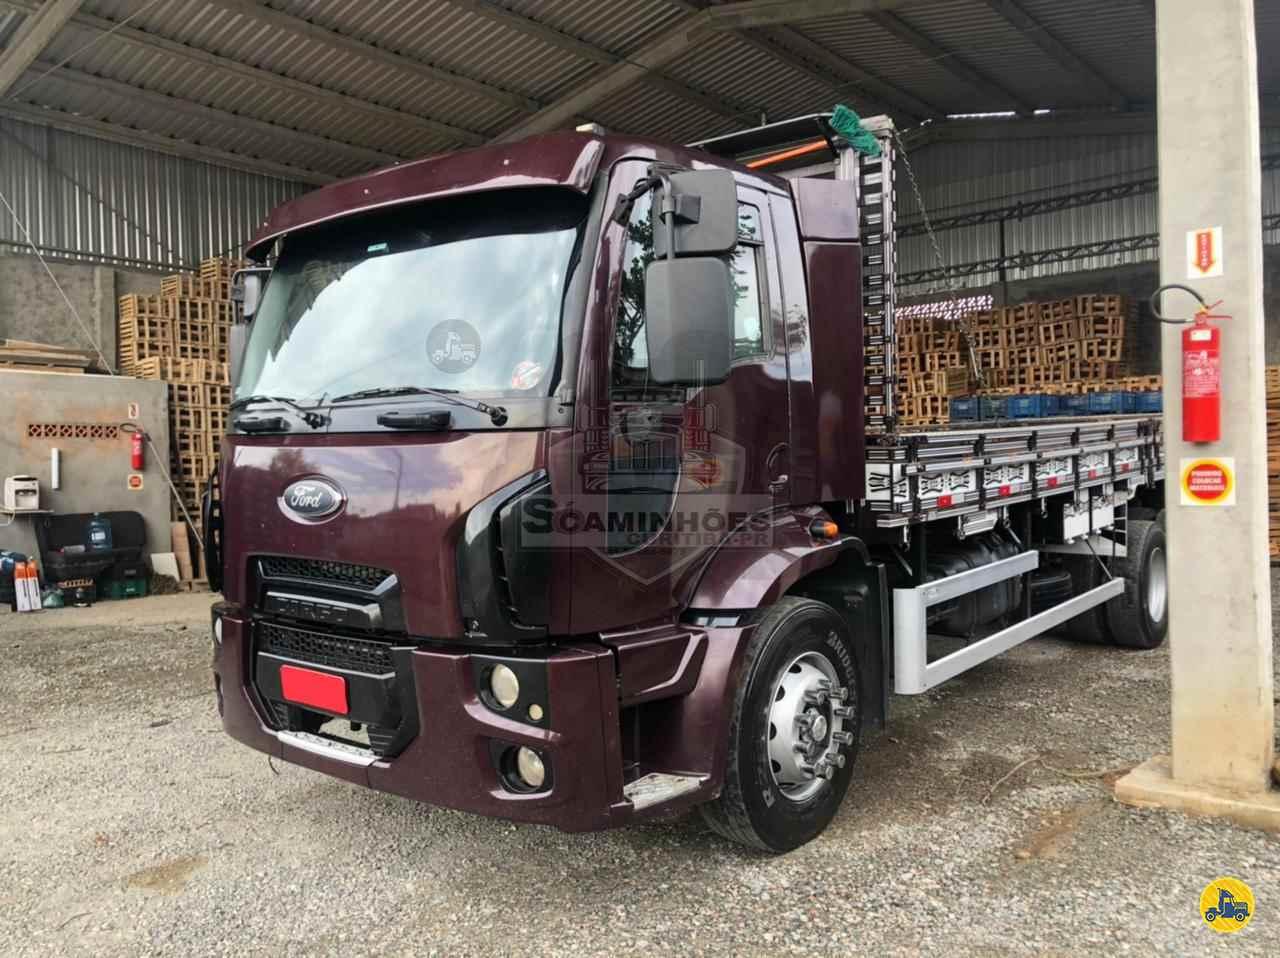 CAMINHAO FORD CARGO 2428 Carga Seca Truck 6x2 Só Caminhões Curitiba CURITIBA PARANÁ PR